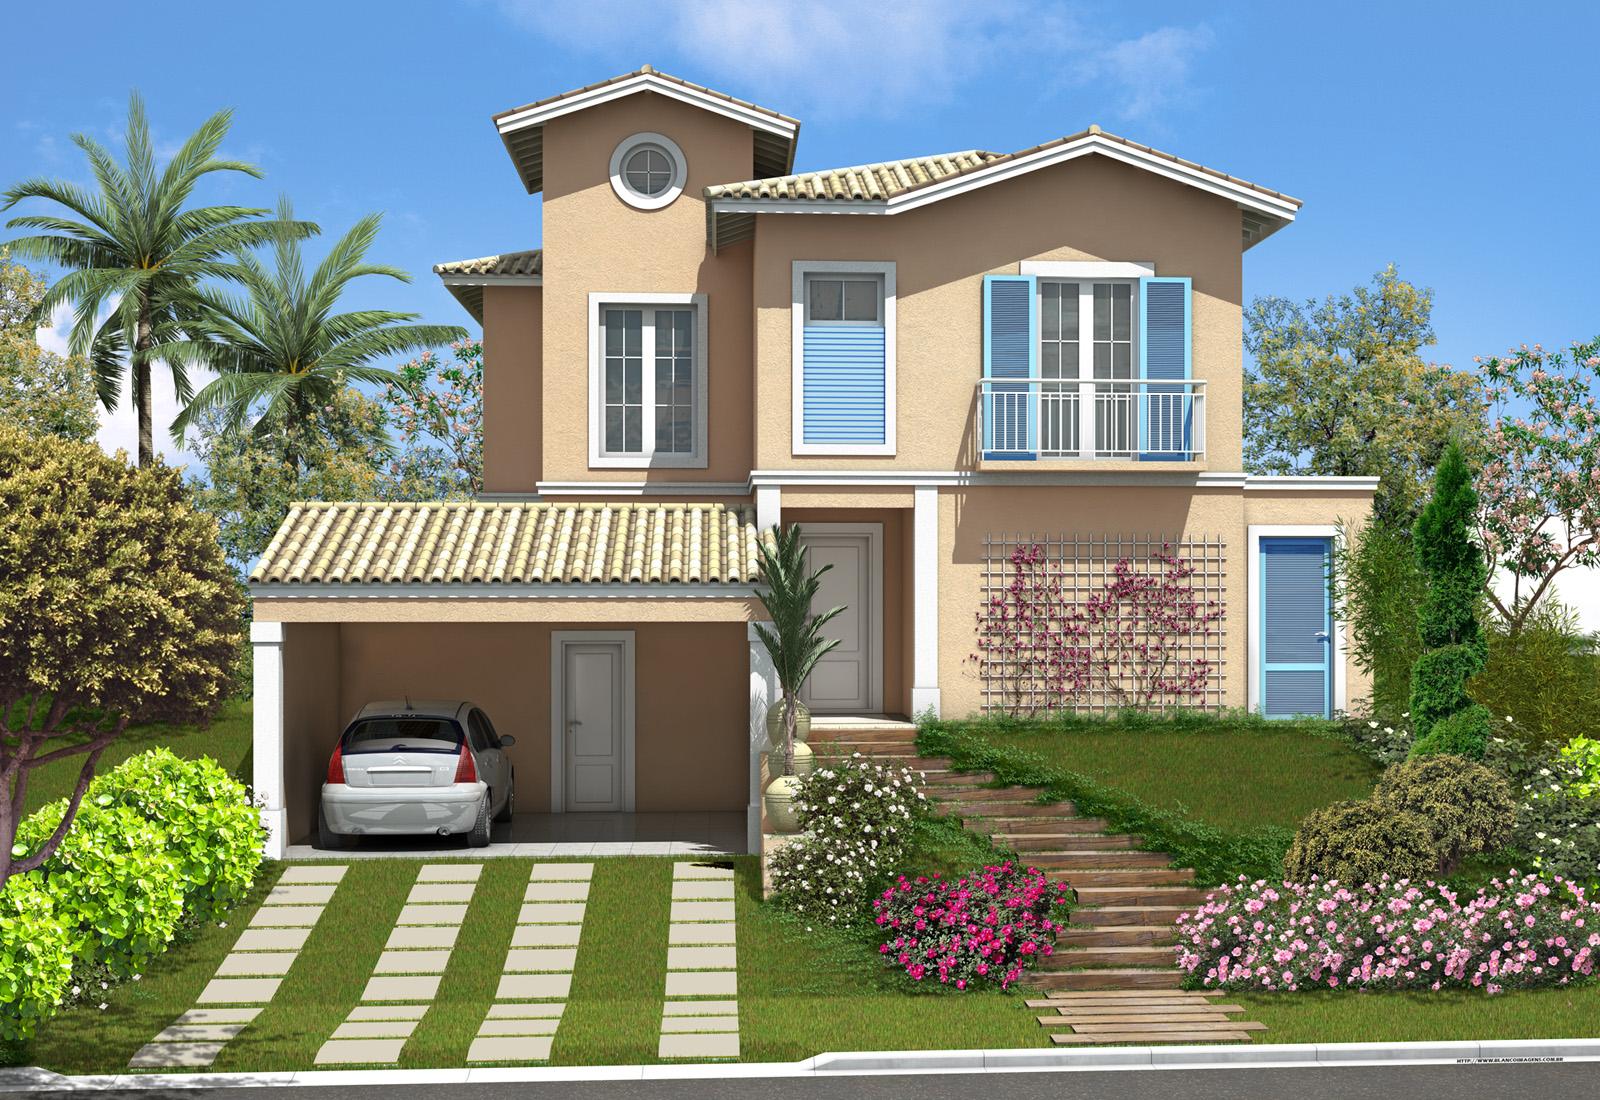 A fachada da sua casa emile m veis for Fachadas de casas modernas 1 pavimento